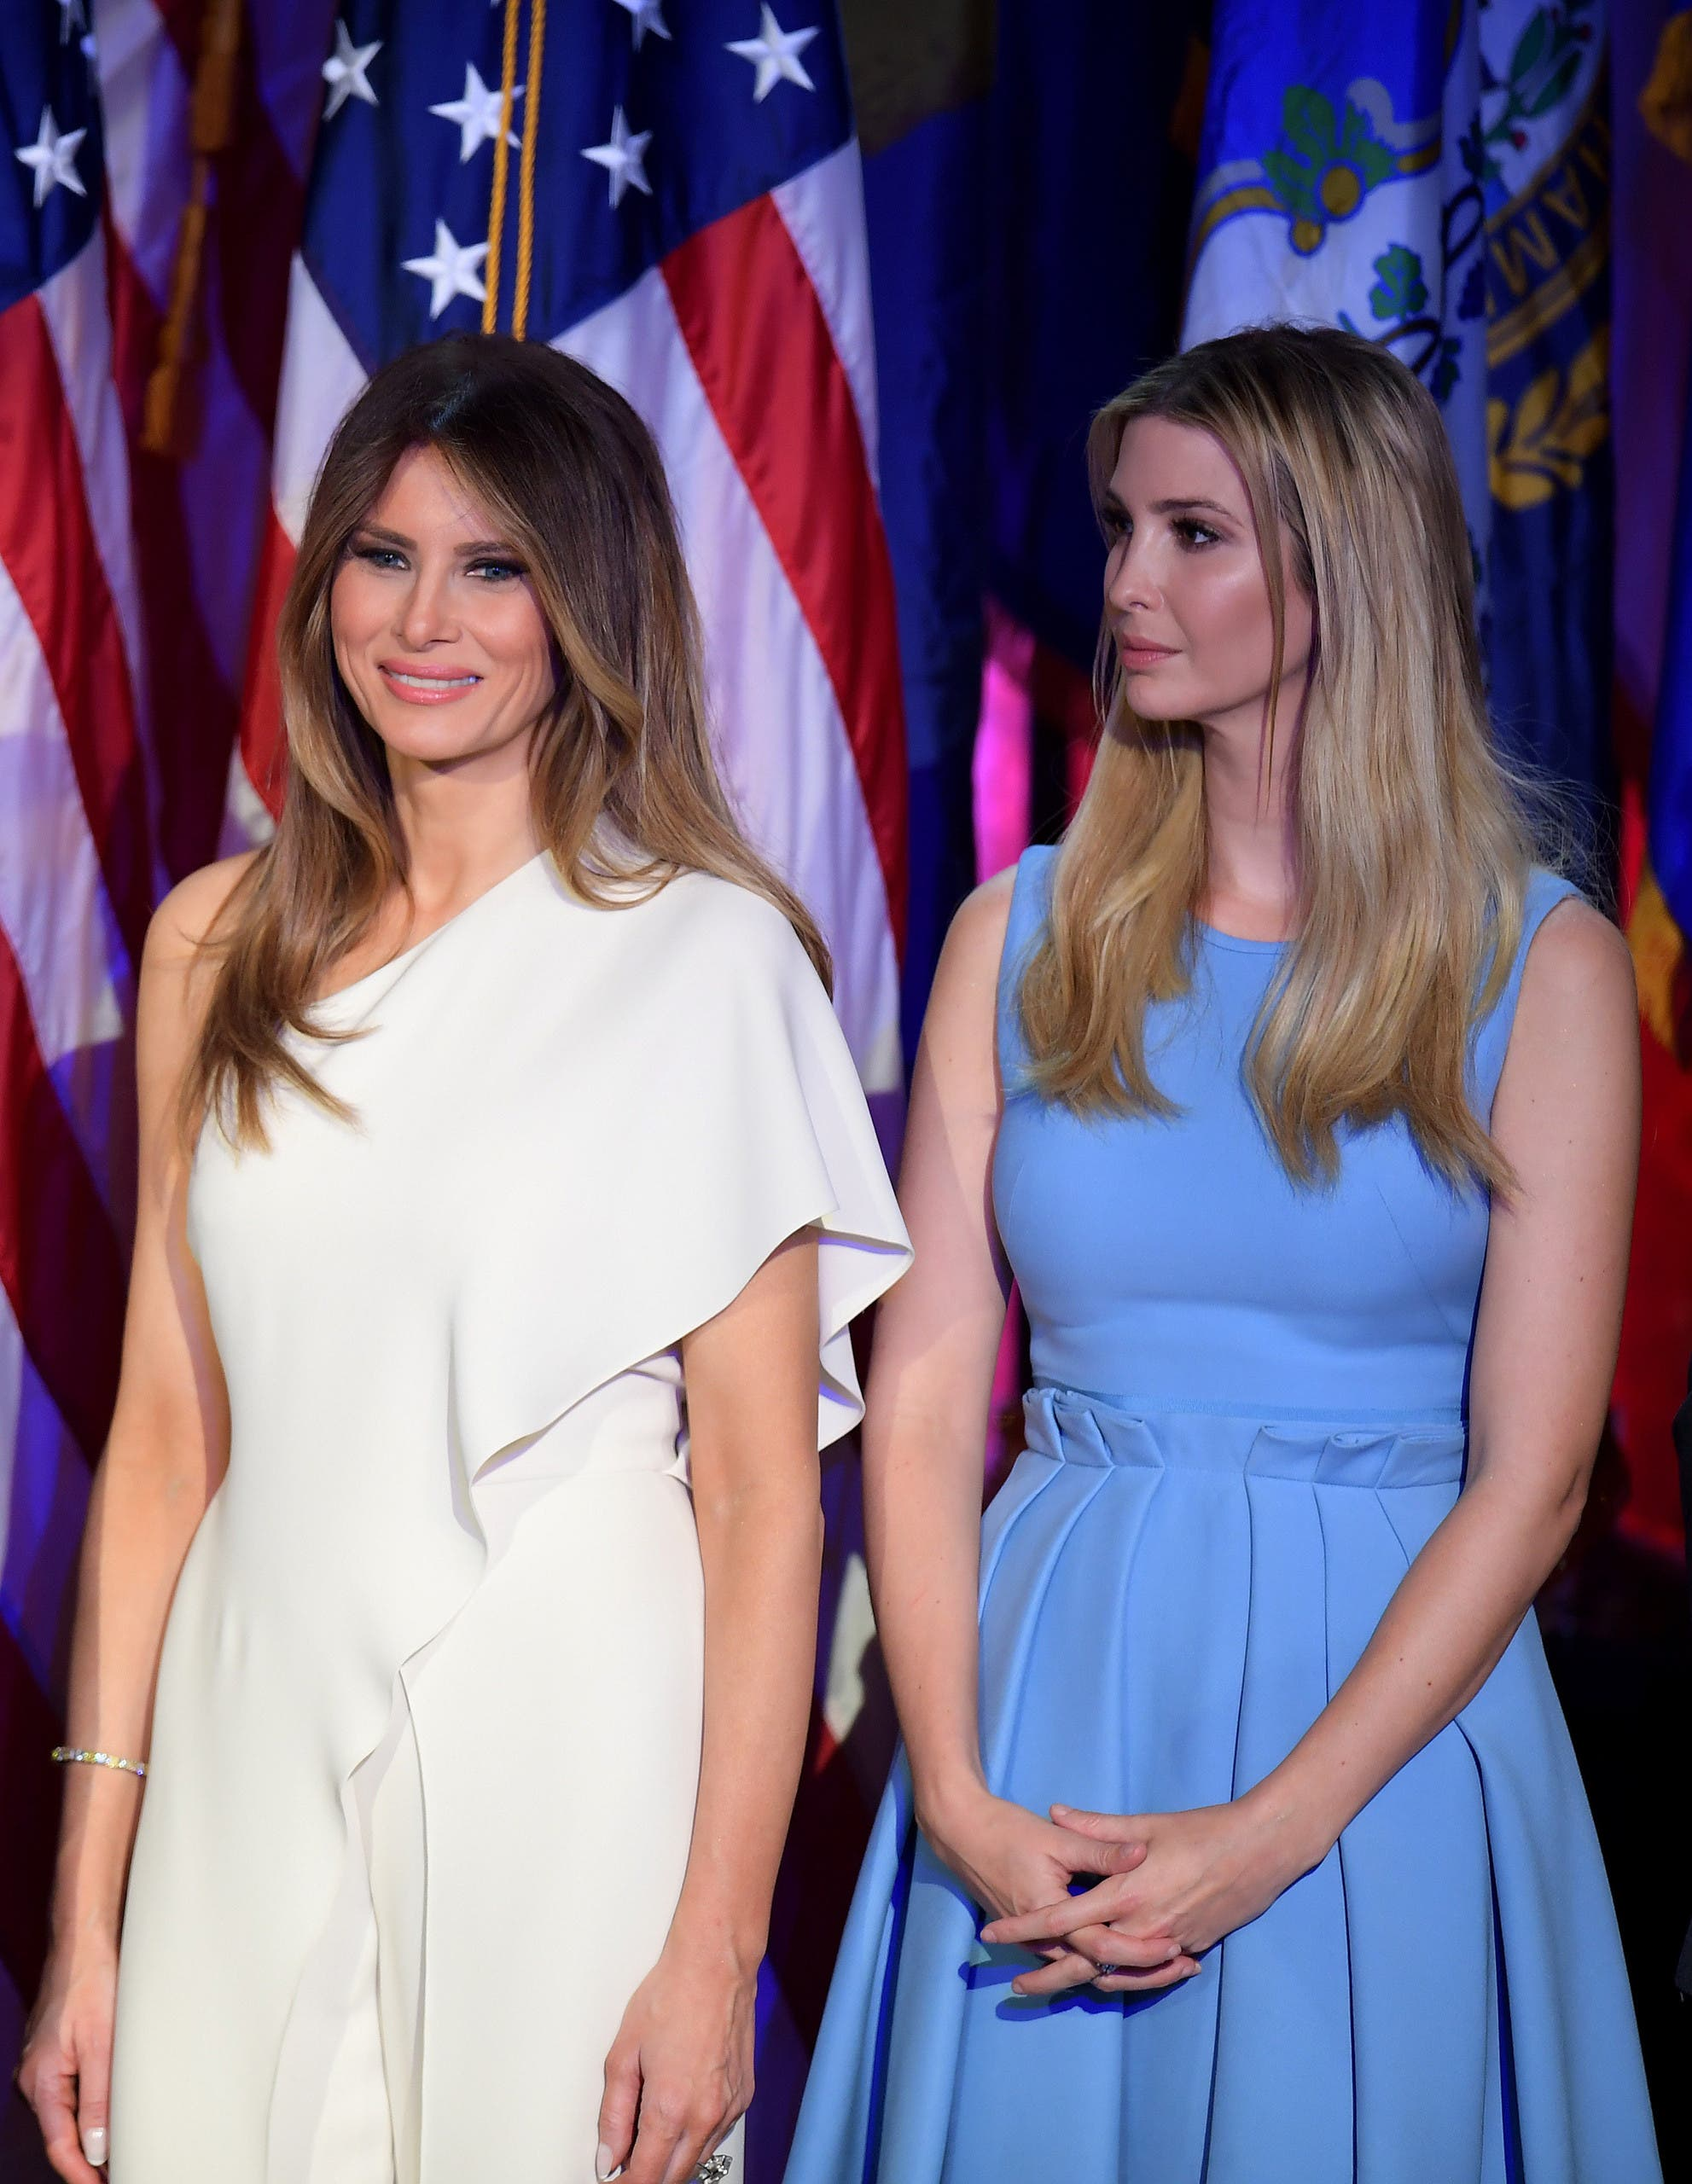 إيفانكا وميلانيا تنظران إلى دونالد ترمب عند إلقائه خطاب الفوز بالانتخابات